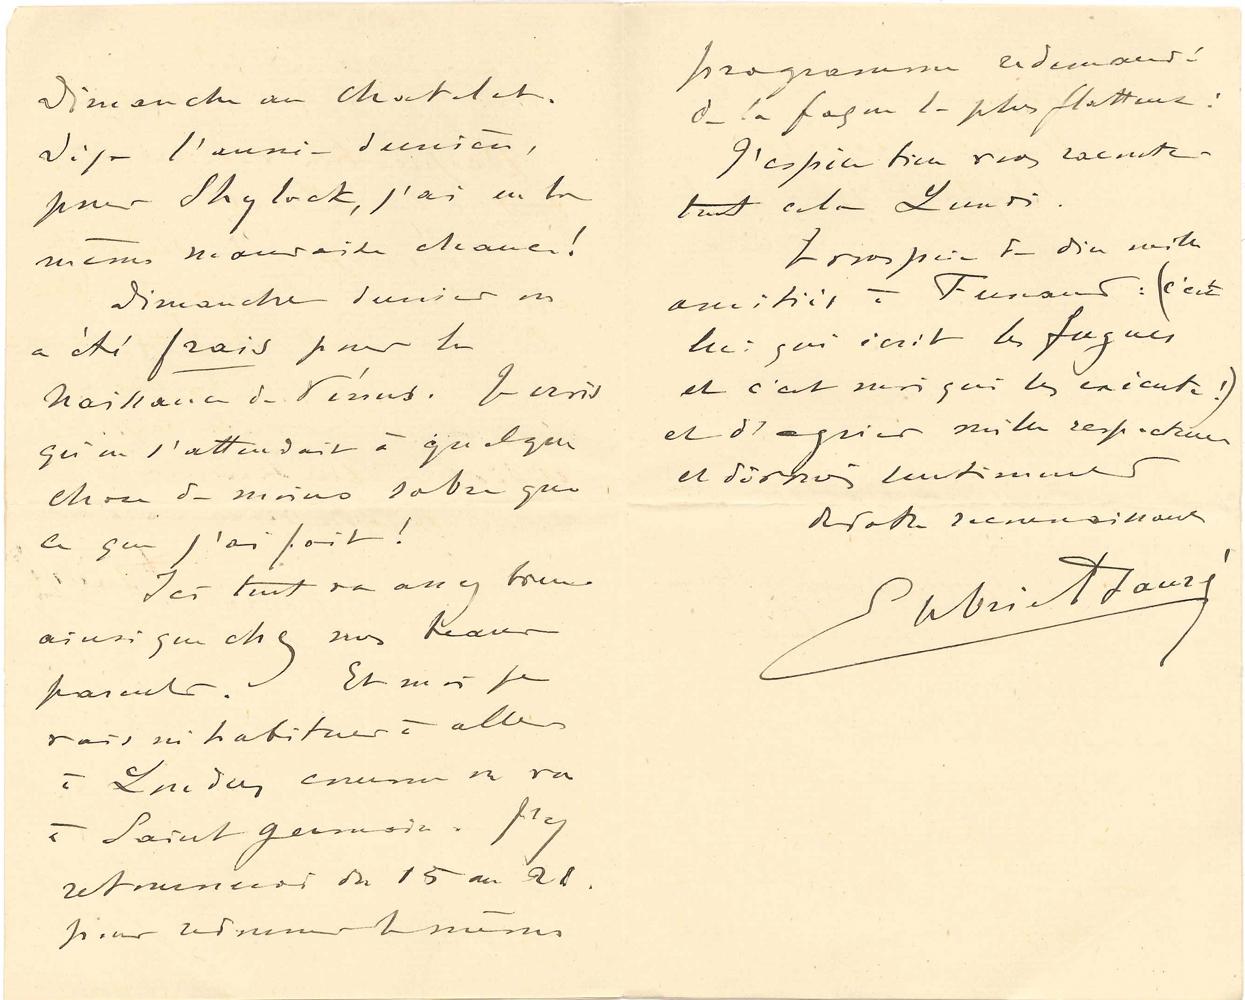 gabriel-faure-1845-1924-15-l-a-s-paris-vers-1889-1900-et-s-d-a-mme-georges-halphen-23-pages-in-8-ou-in-12-qqs-adresses-et-enveloppes-belle-correspondance-avec-la-mere-de-son-eleve-fernand-halphen-1872-1917-qui-travailla-sous--335